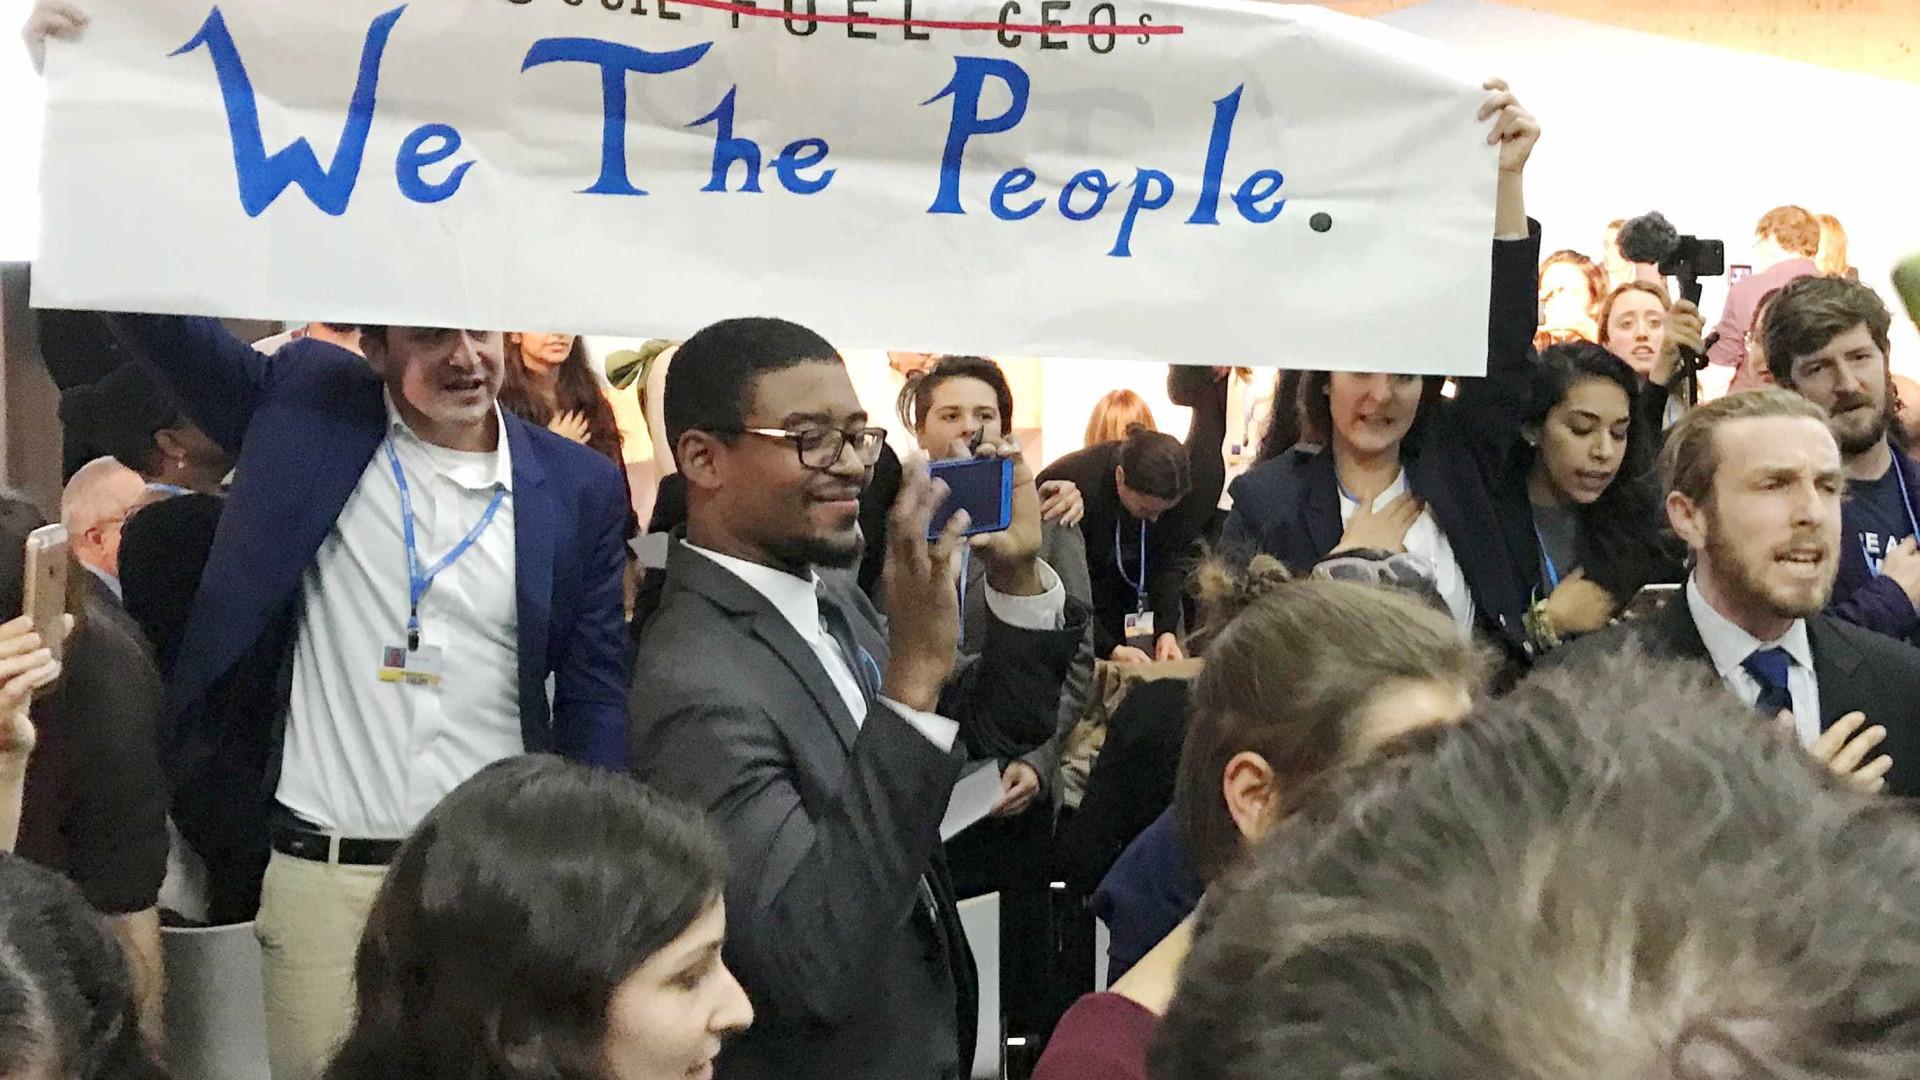 Protestos interrompem evento norte-americano na Conferência do Clima